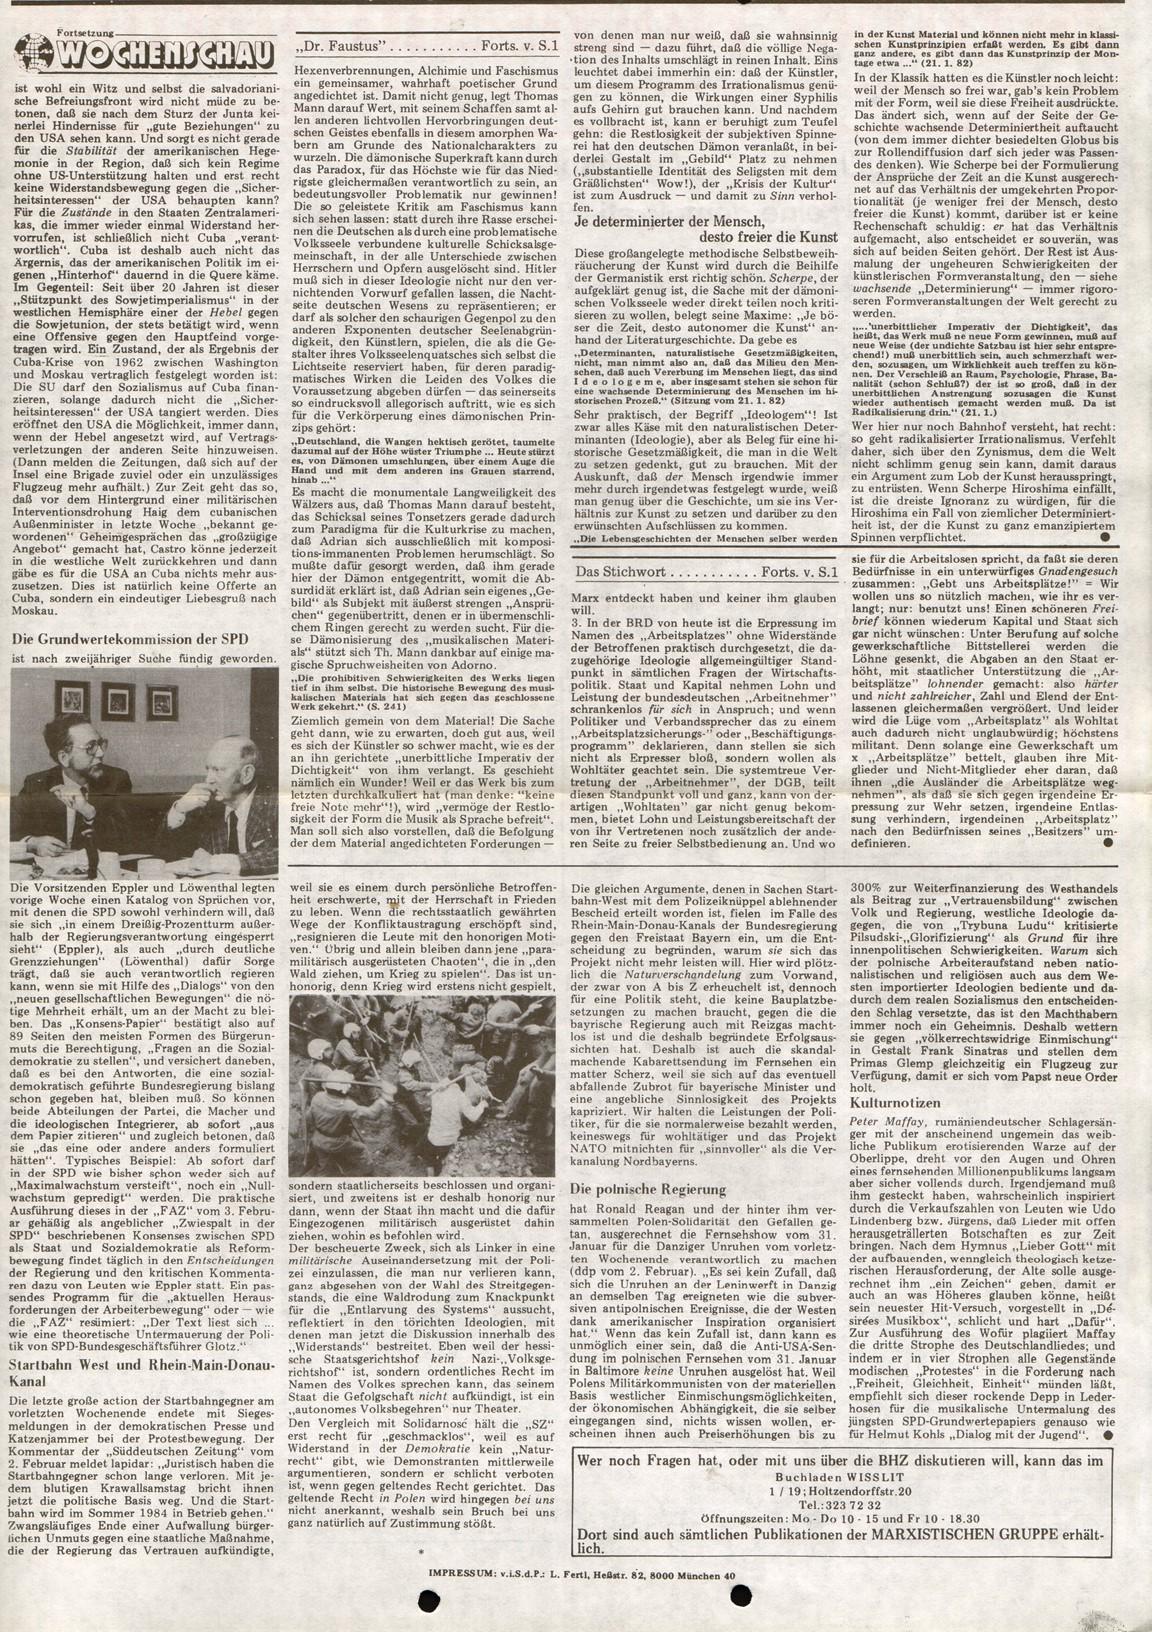 Berlin_MG_Hochschulzeitung_19820208_02